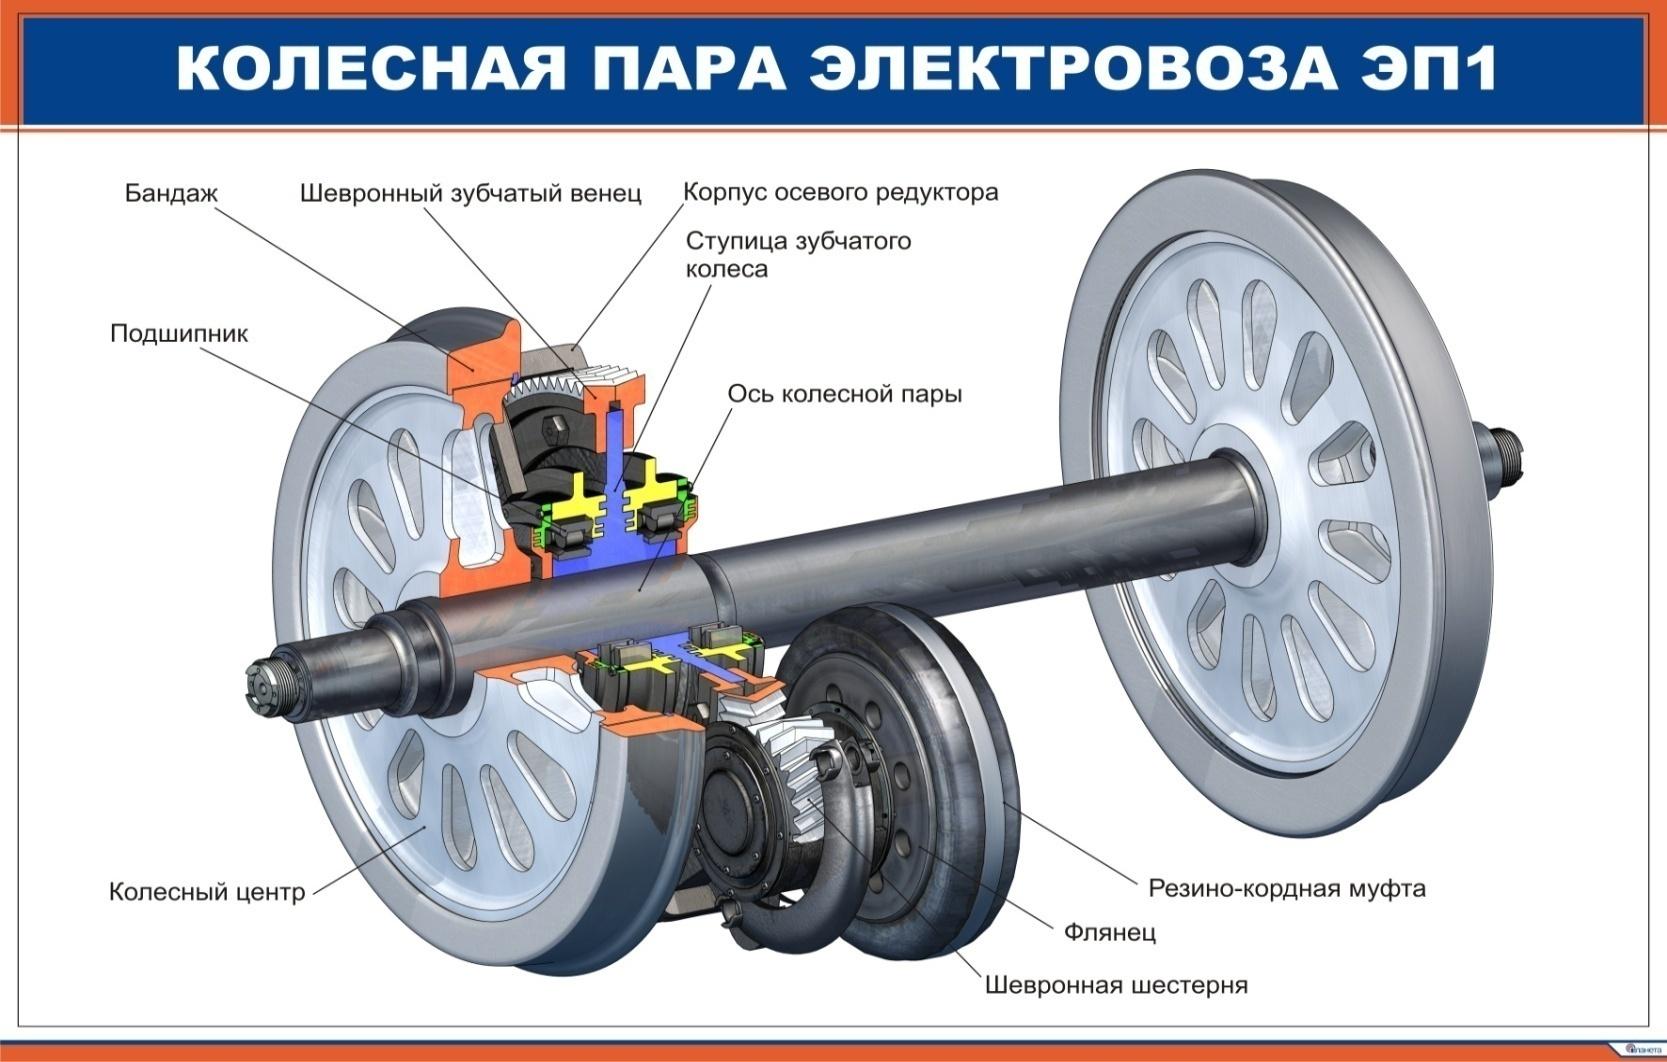 обязательно редуктор колесной пары электропоезда толще плотнее